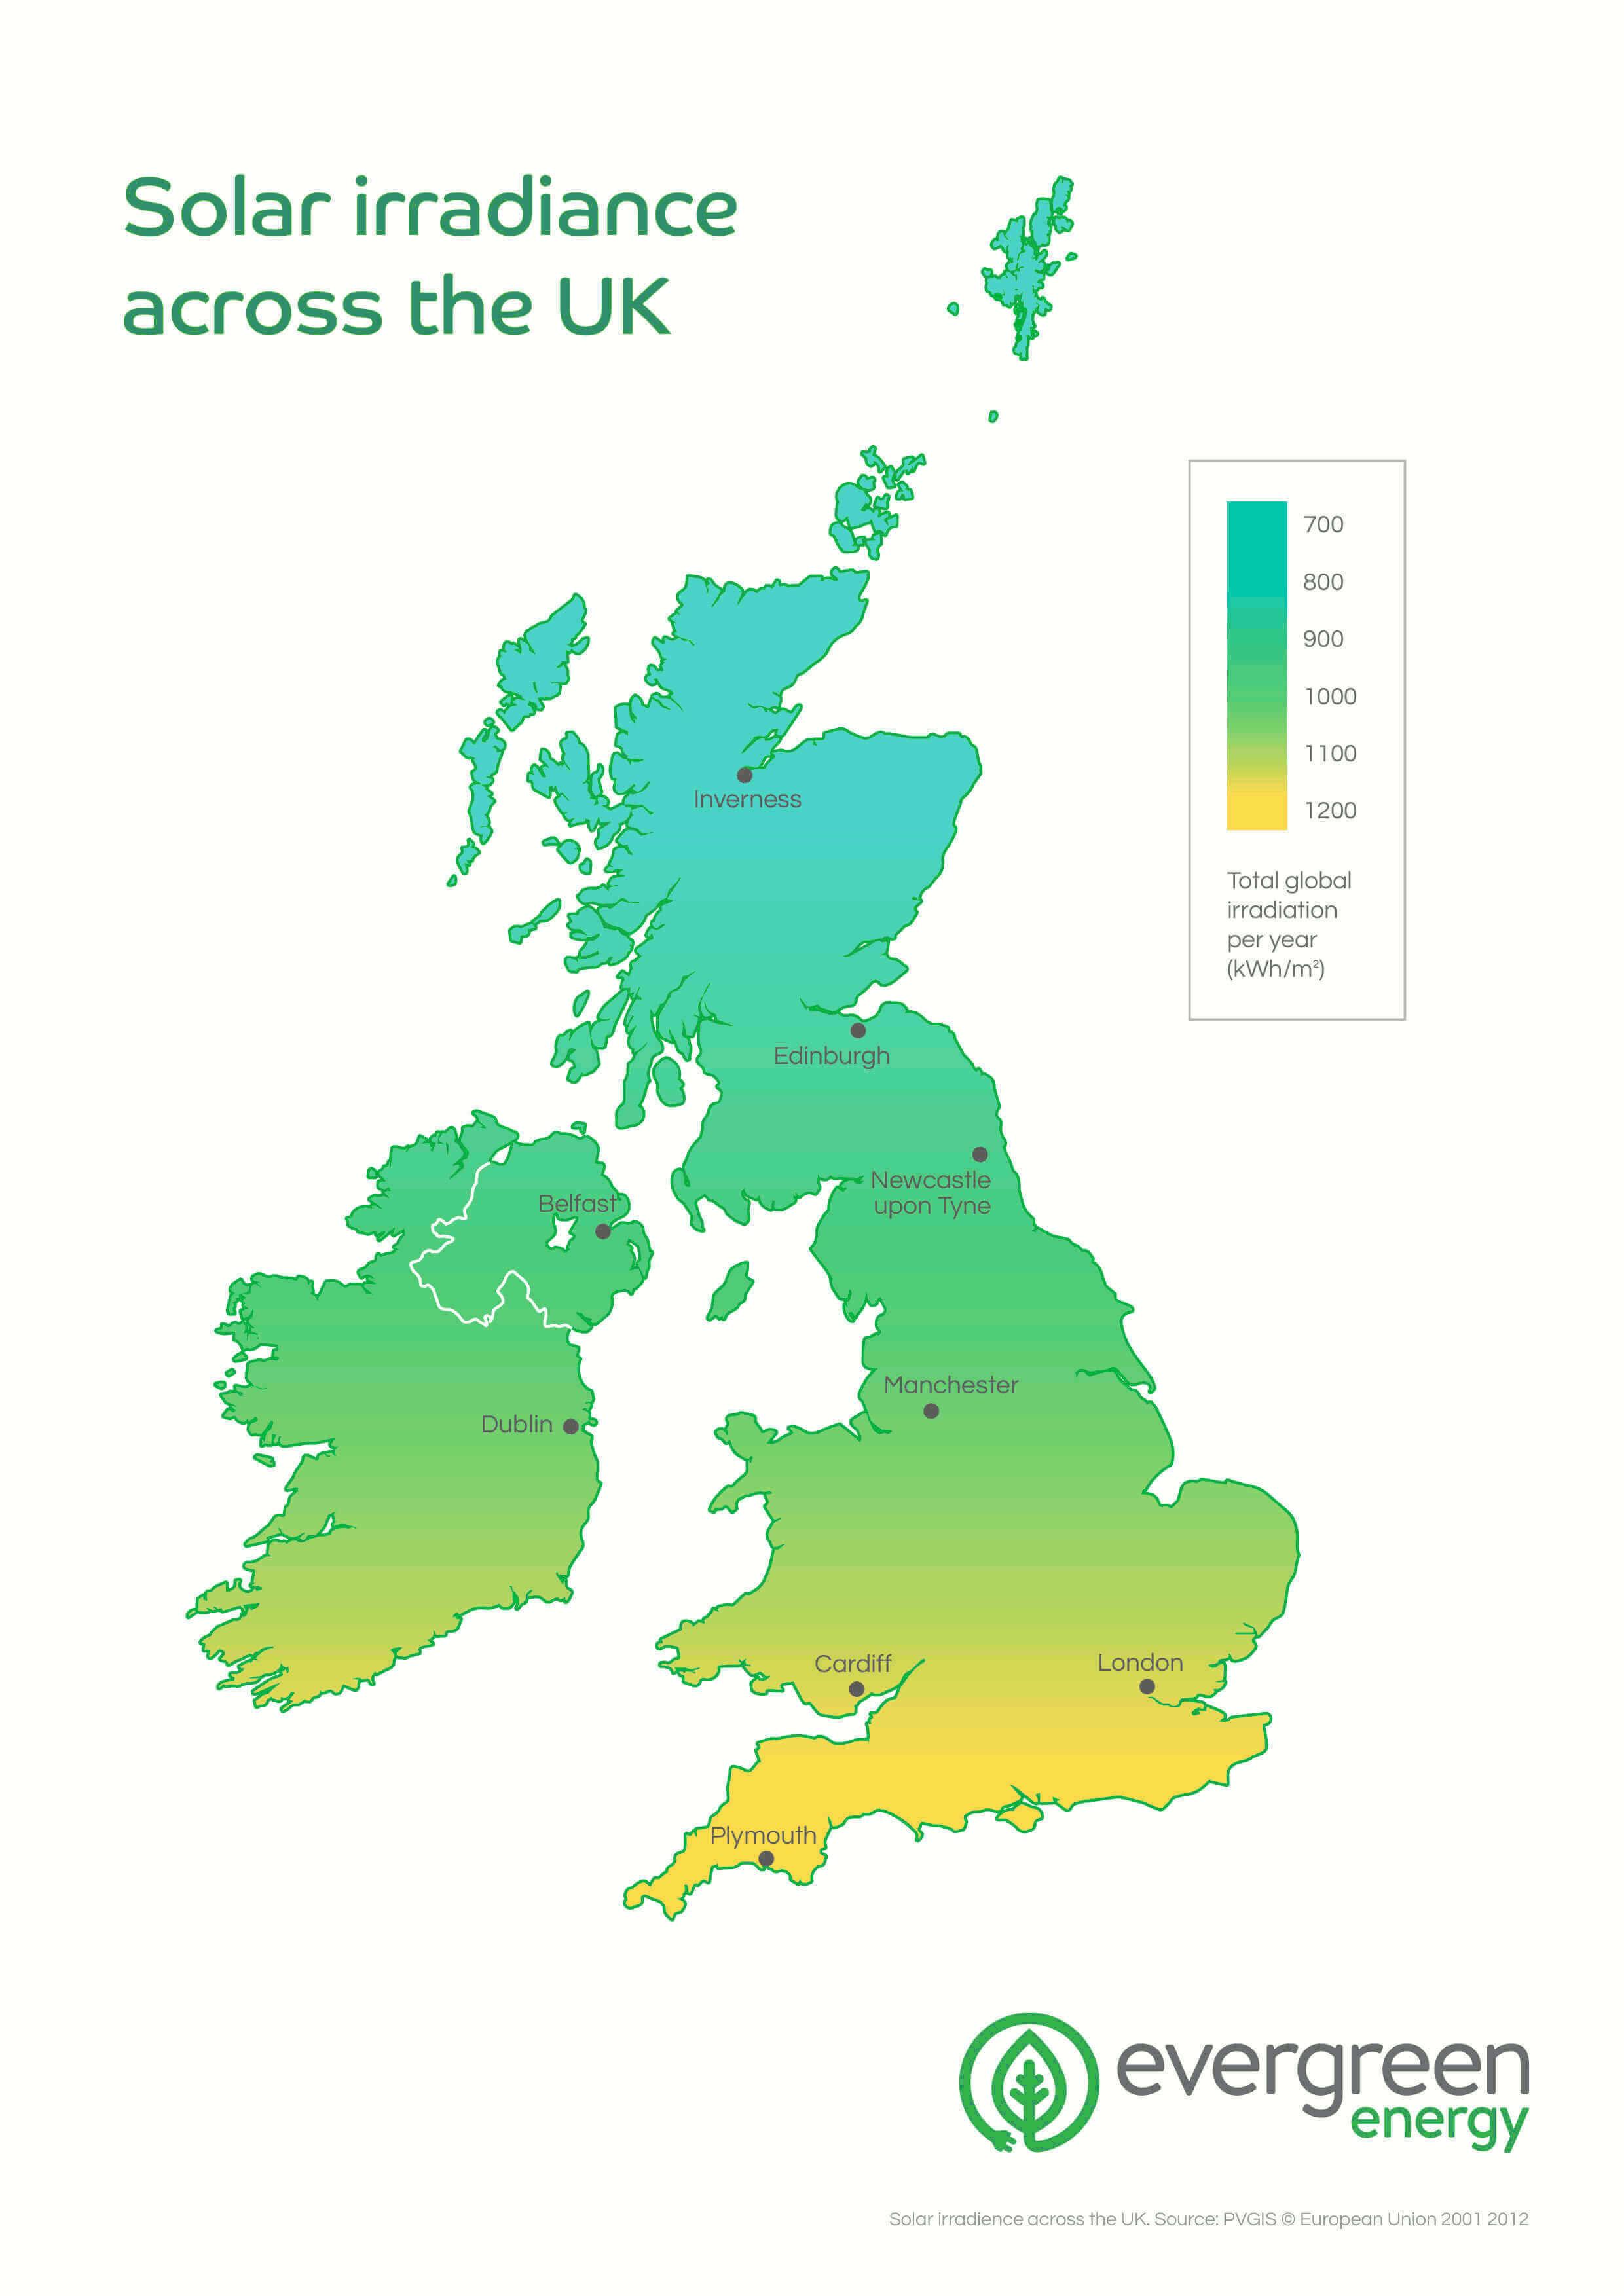 UK Solar Irradiance